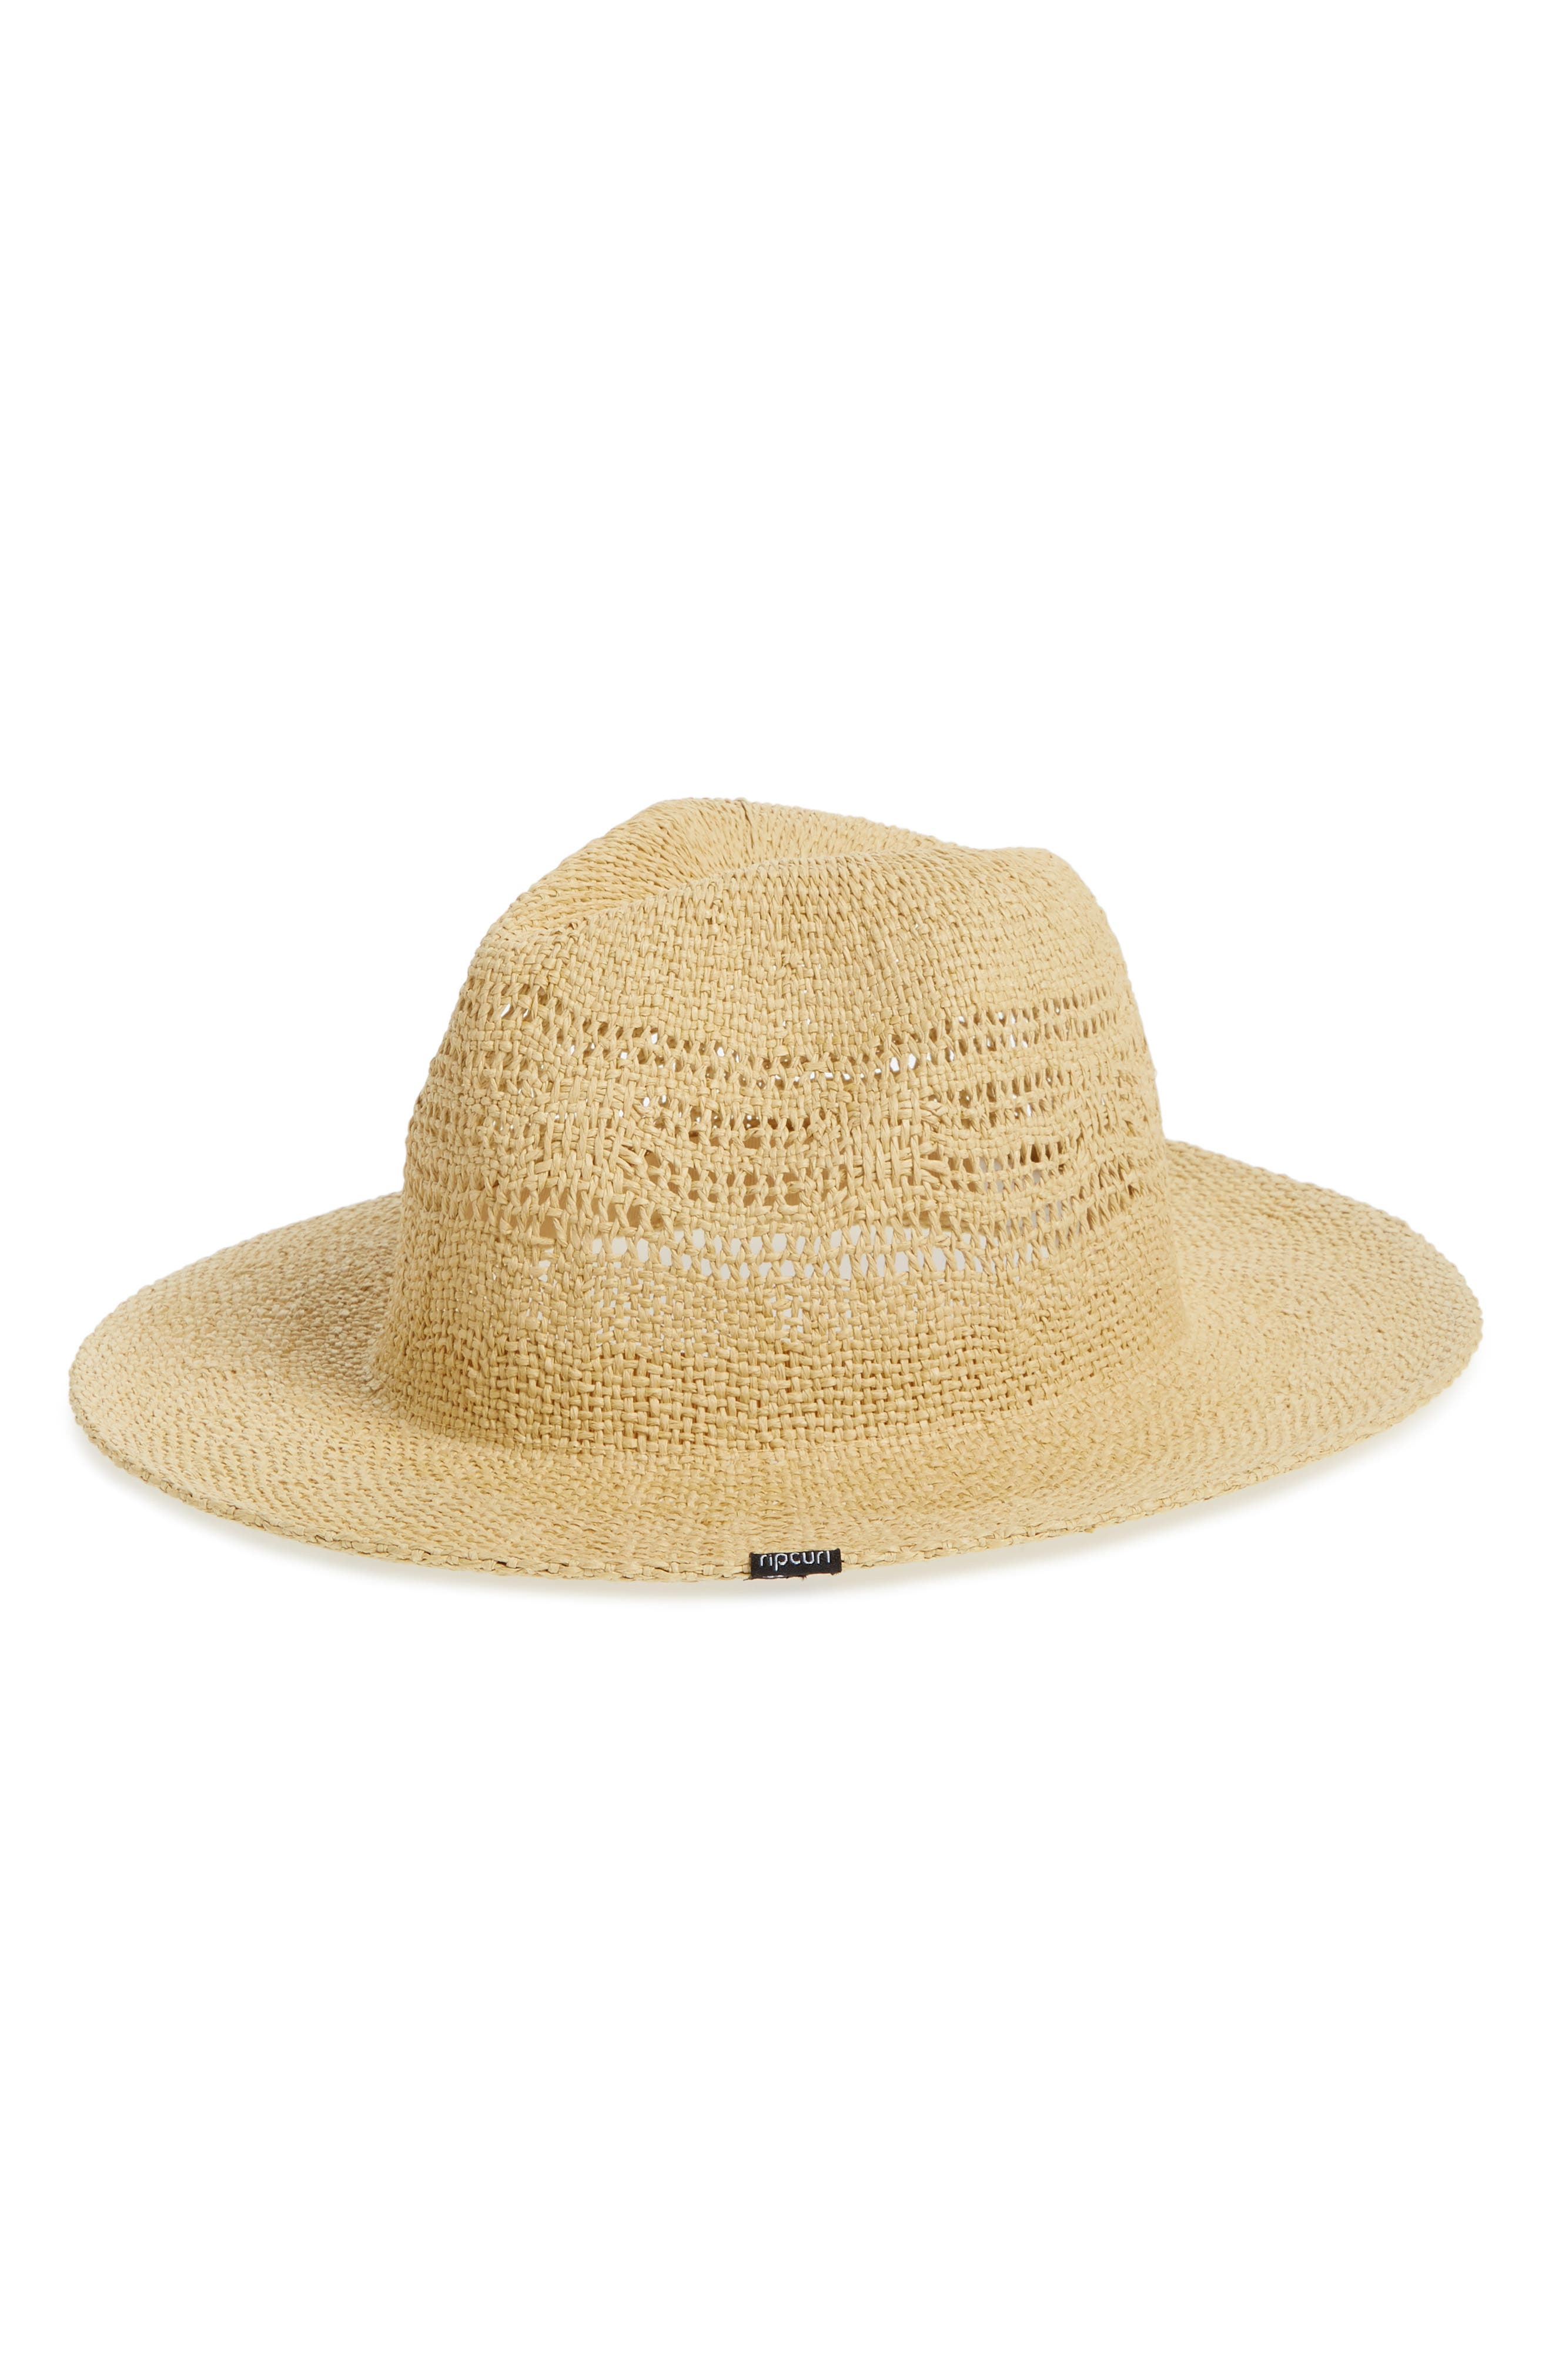 Rip Curl Ritual Panama Straw Hat